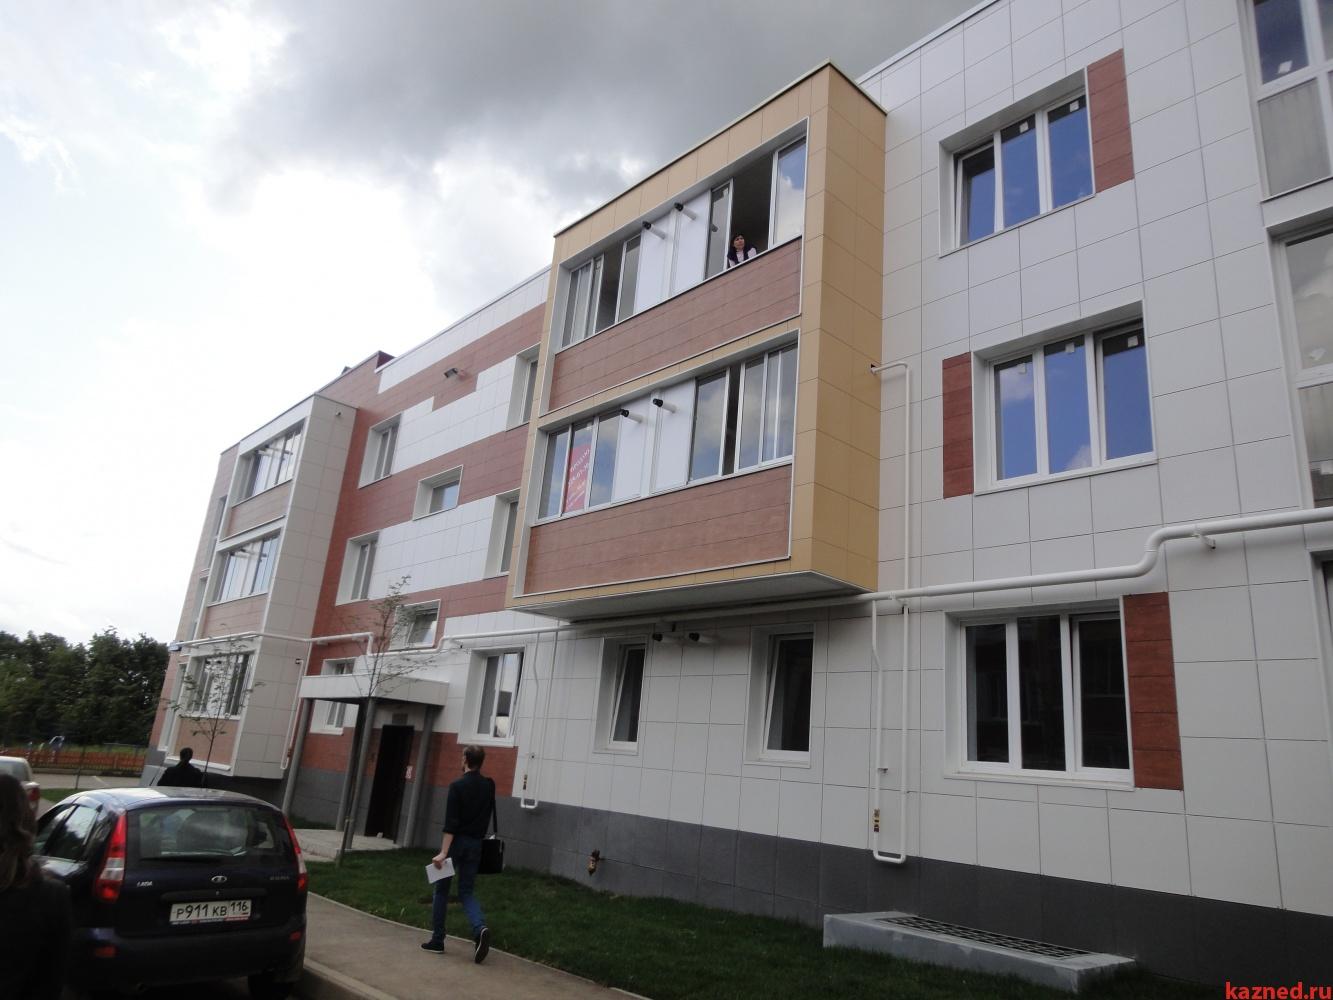 Продажа 1-к квартиры Мамадышский тракт, 35 м² (миниатюра №6)